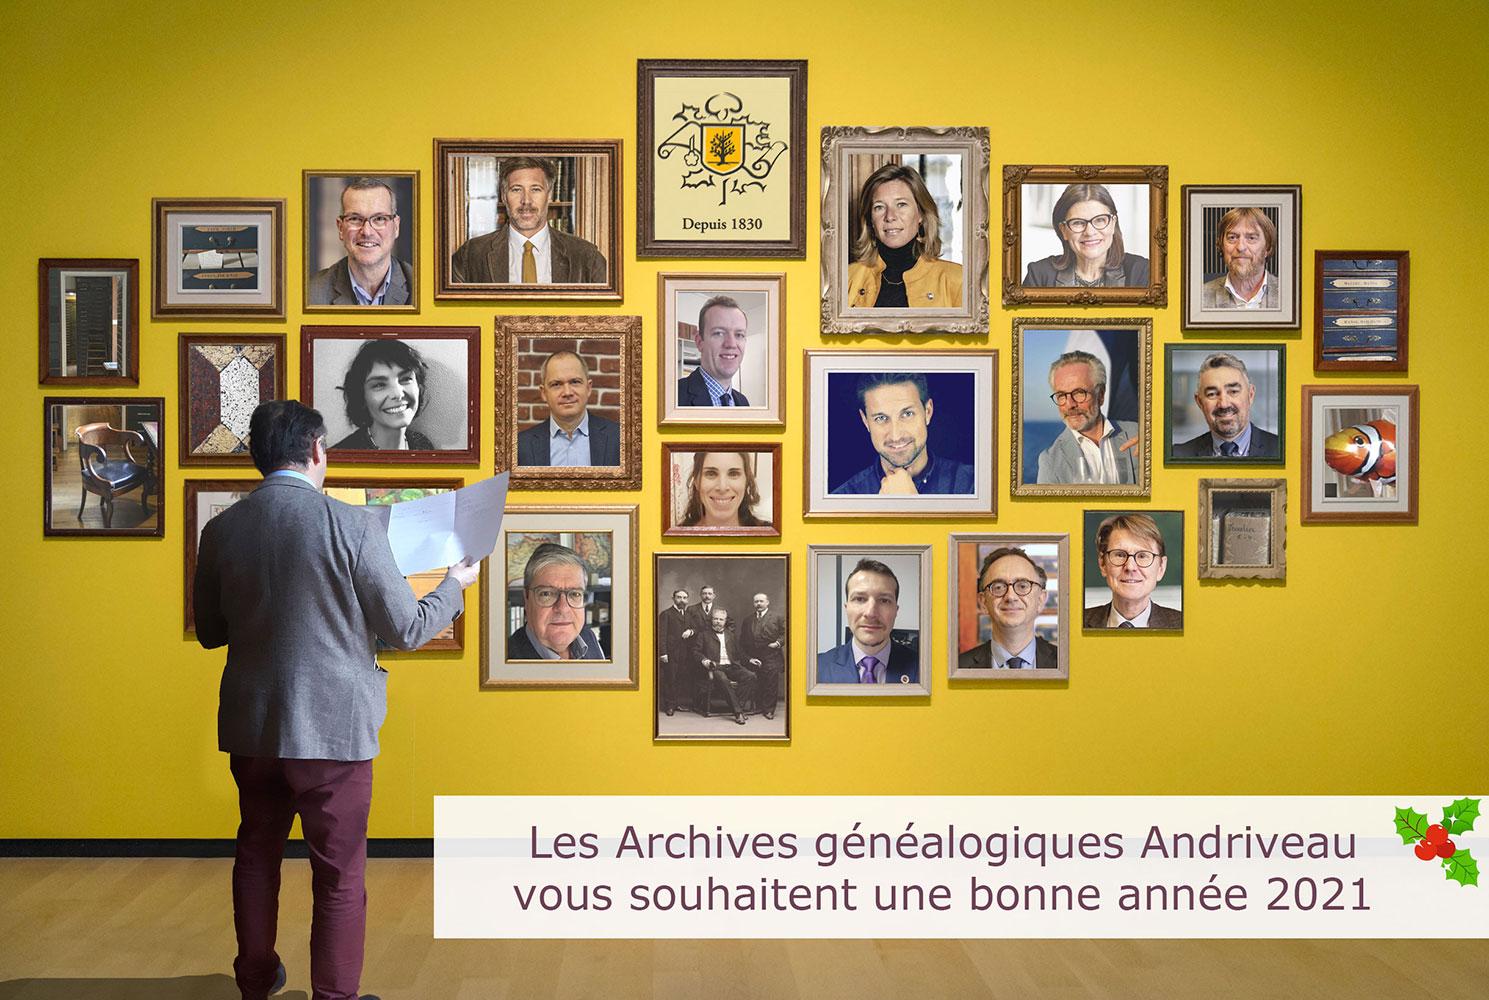 L'Etude Andriveau vous présente ses meilleurs vœux pour 2021 !